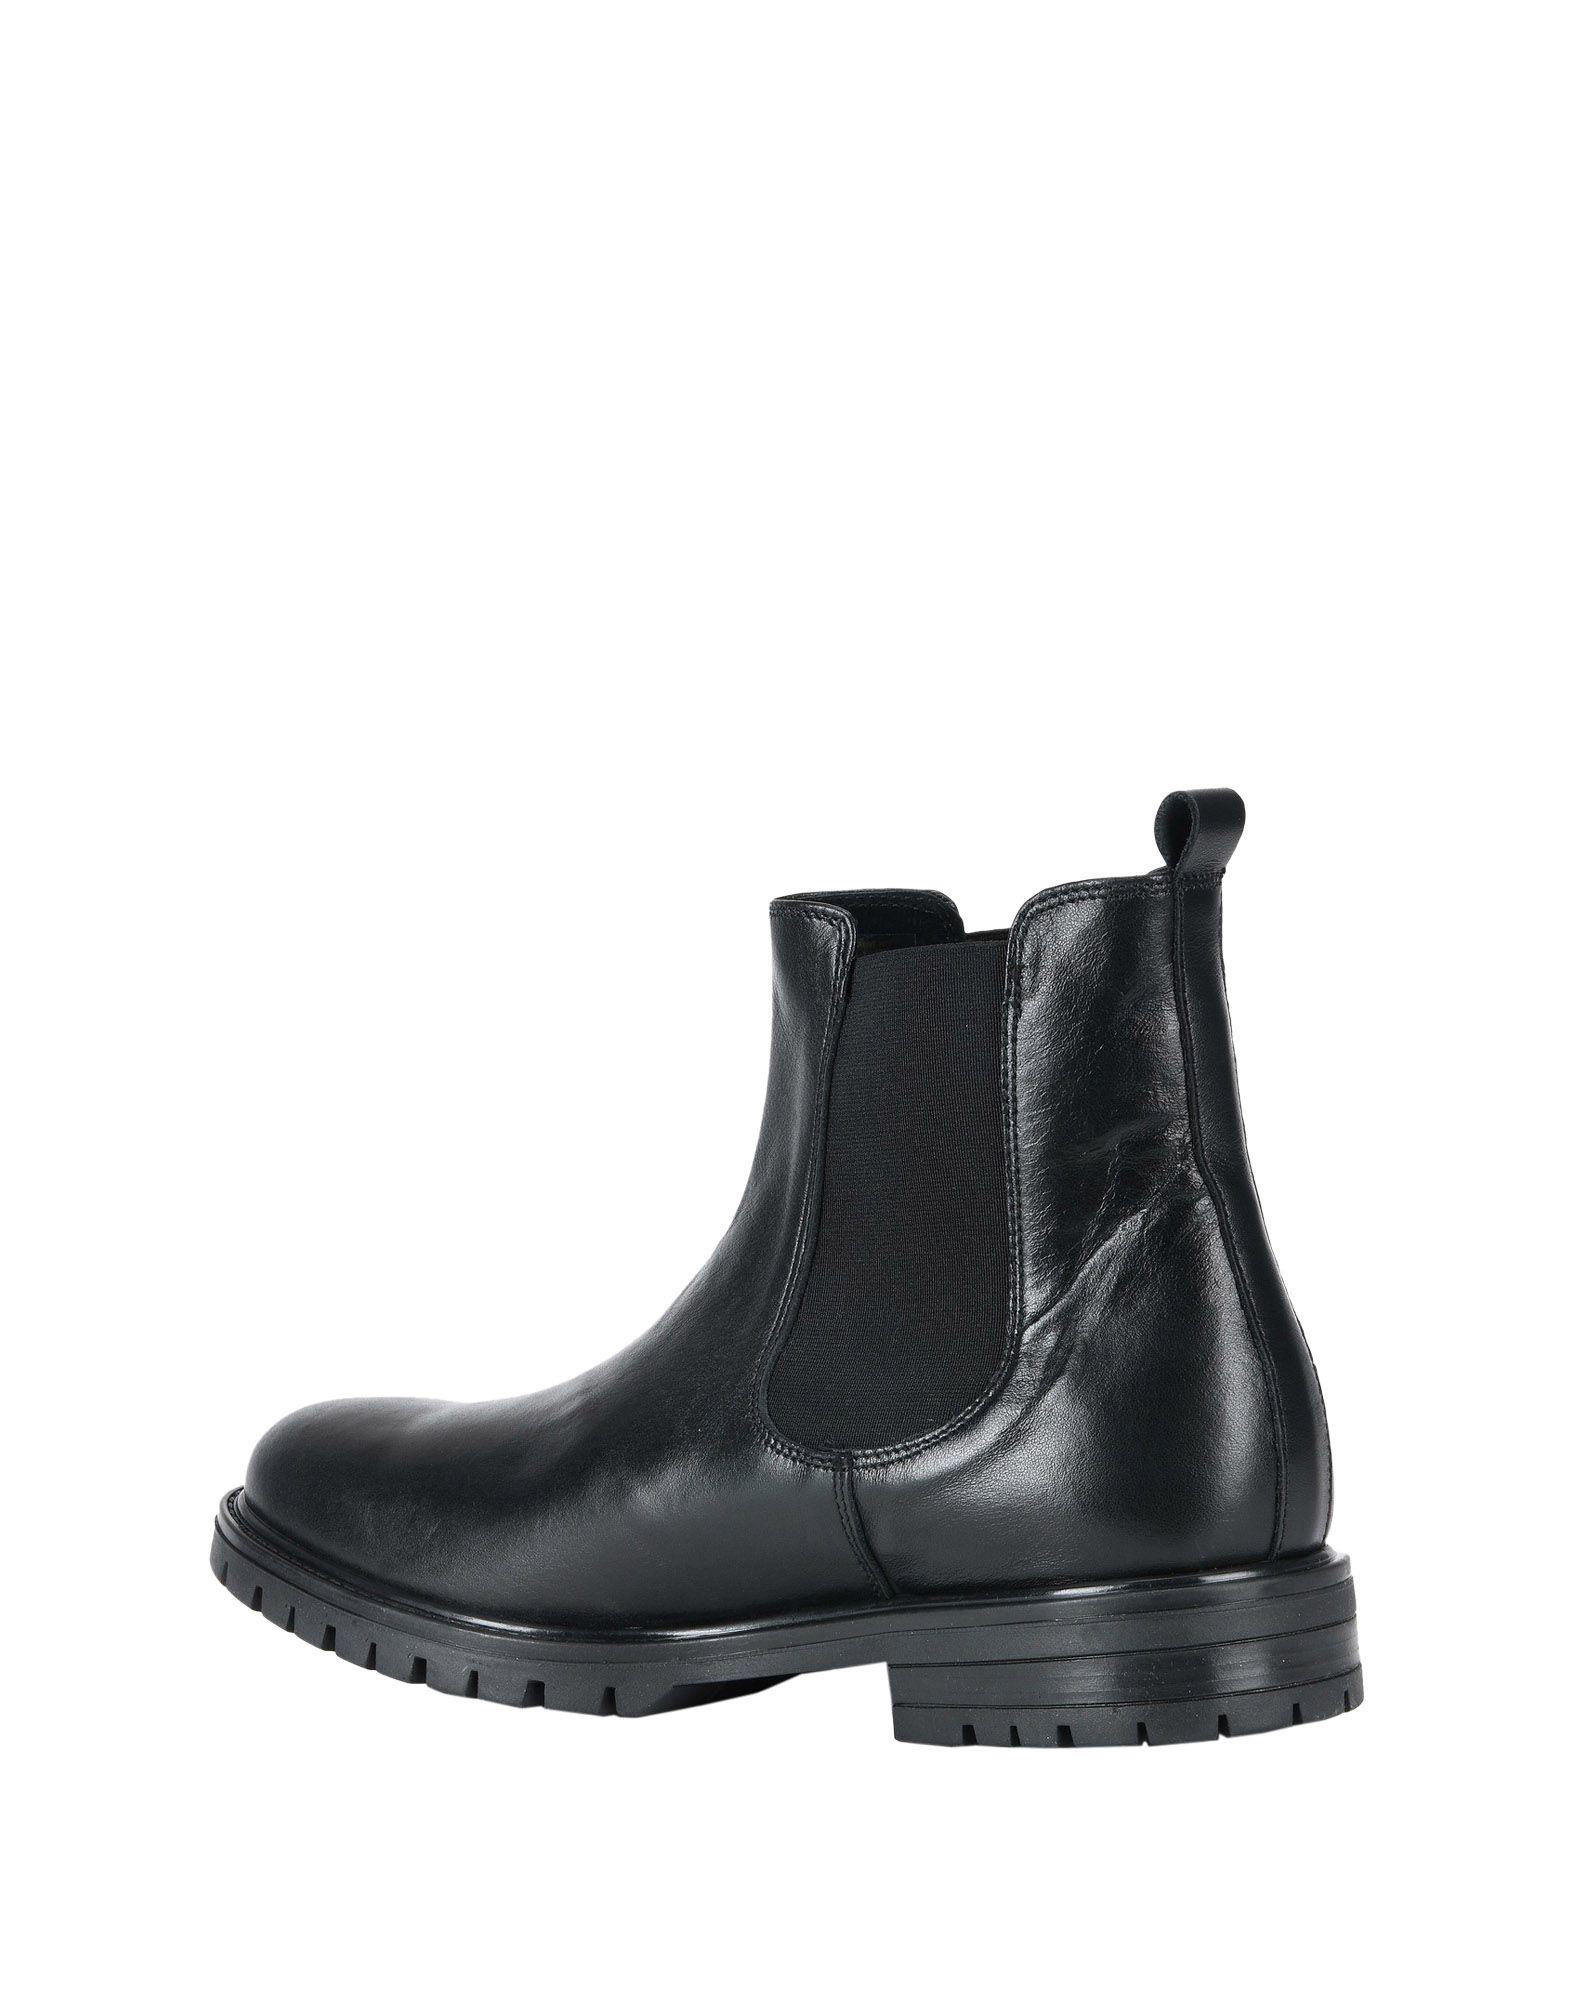 Ylati Heritage Stiefelette Herren  11483184WF Gute Qualität beliebte Schuhe